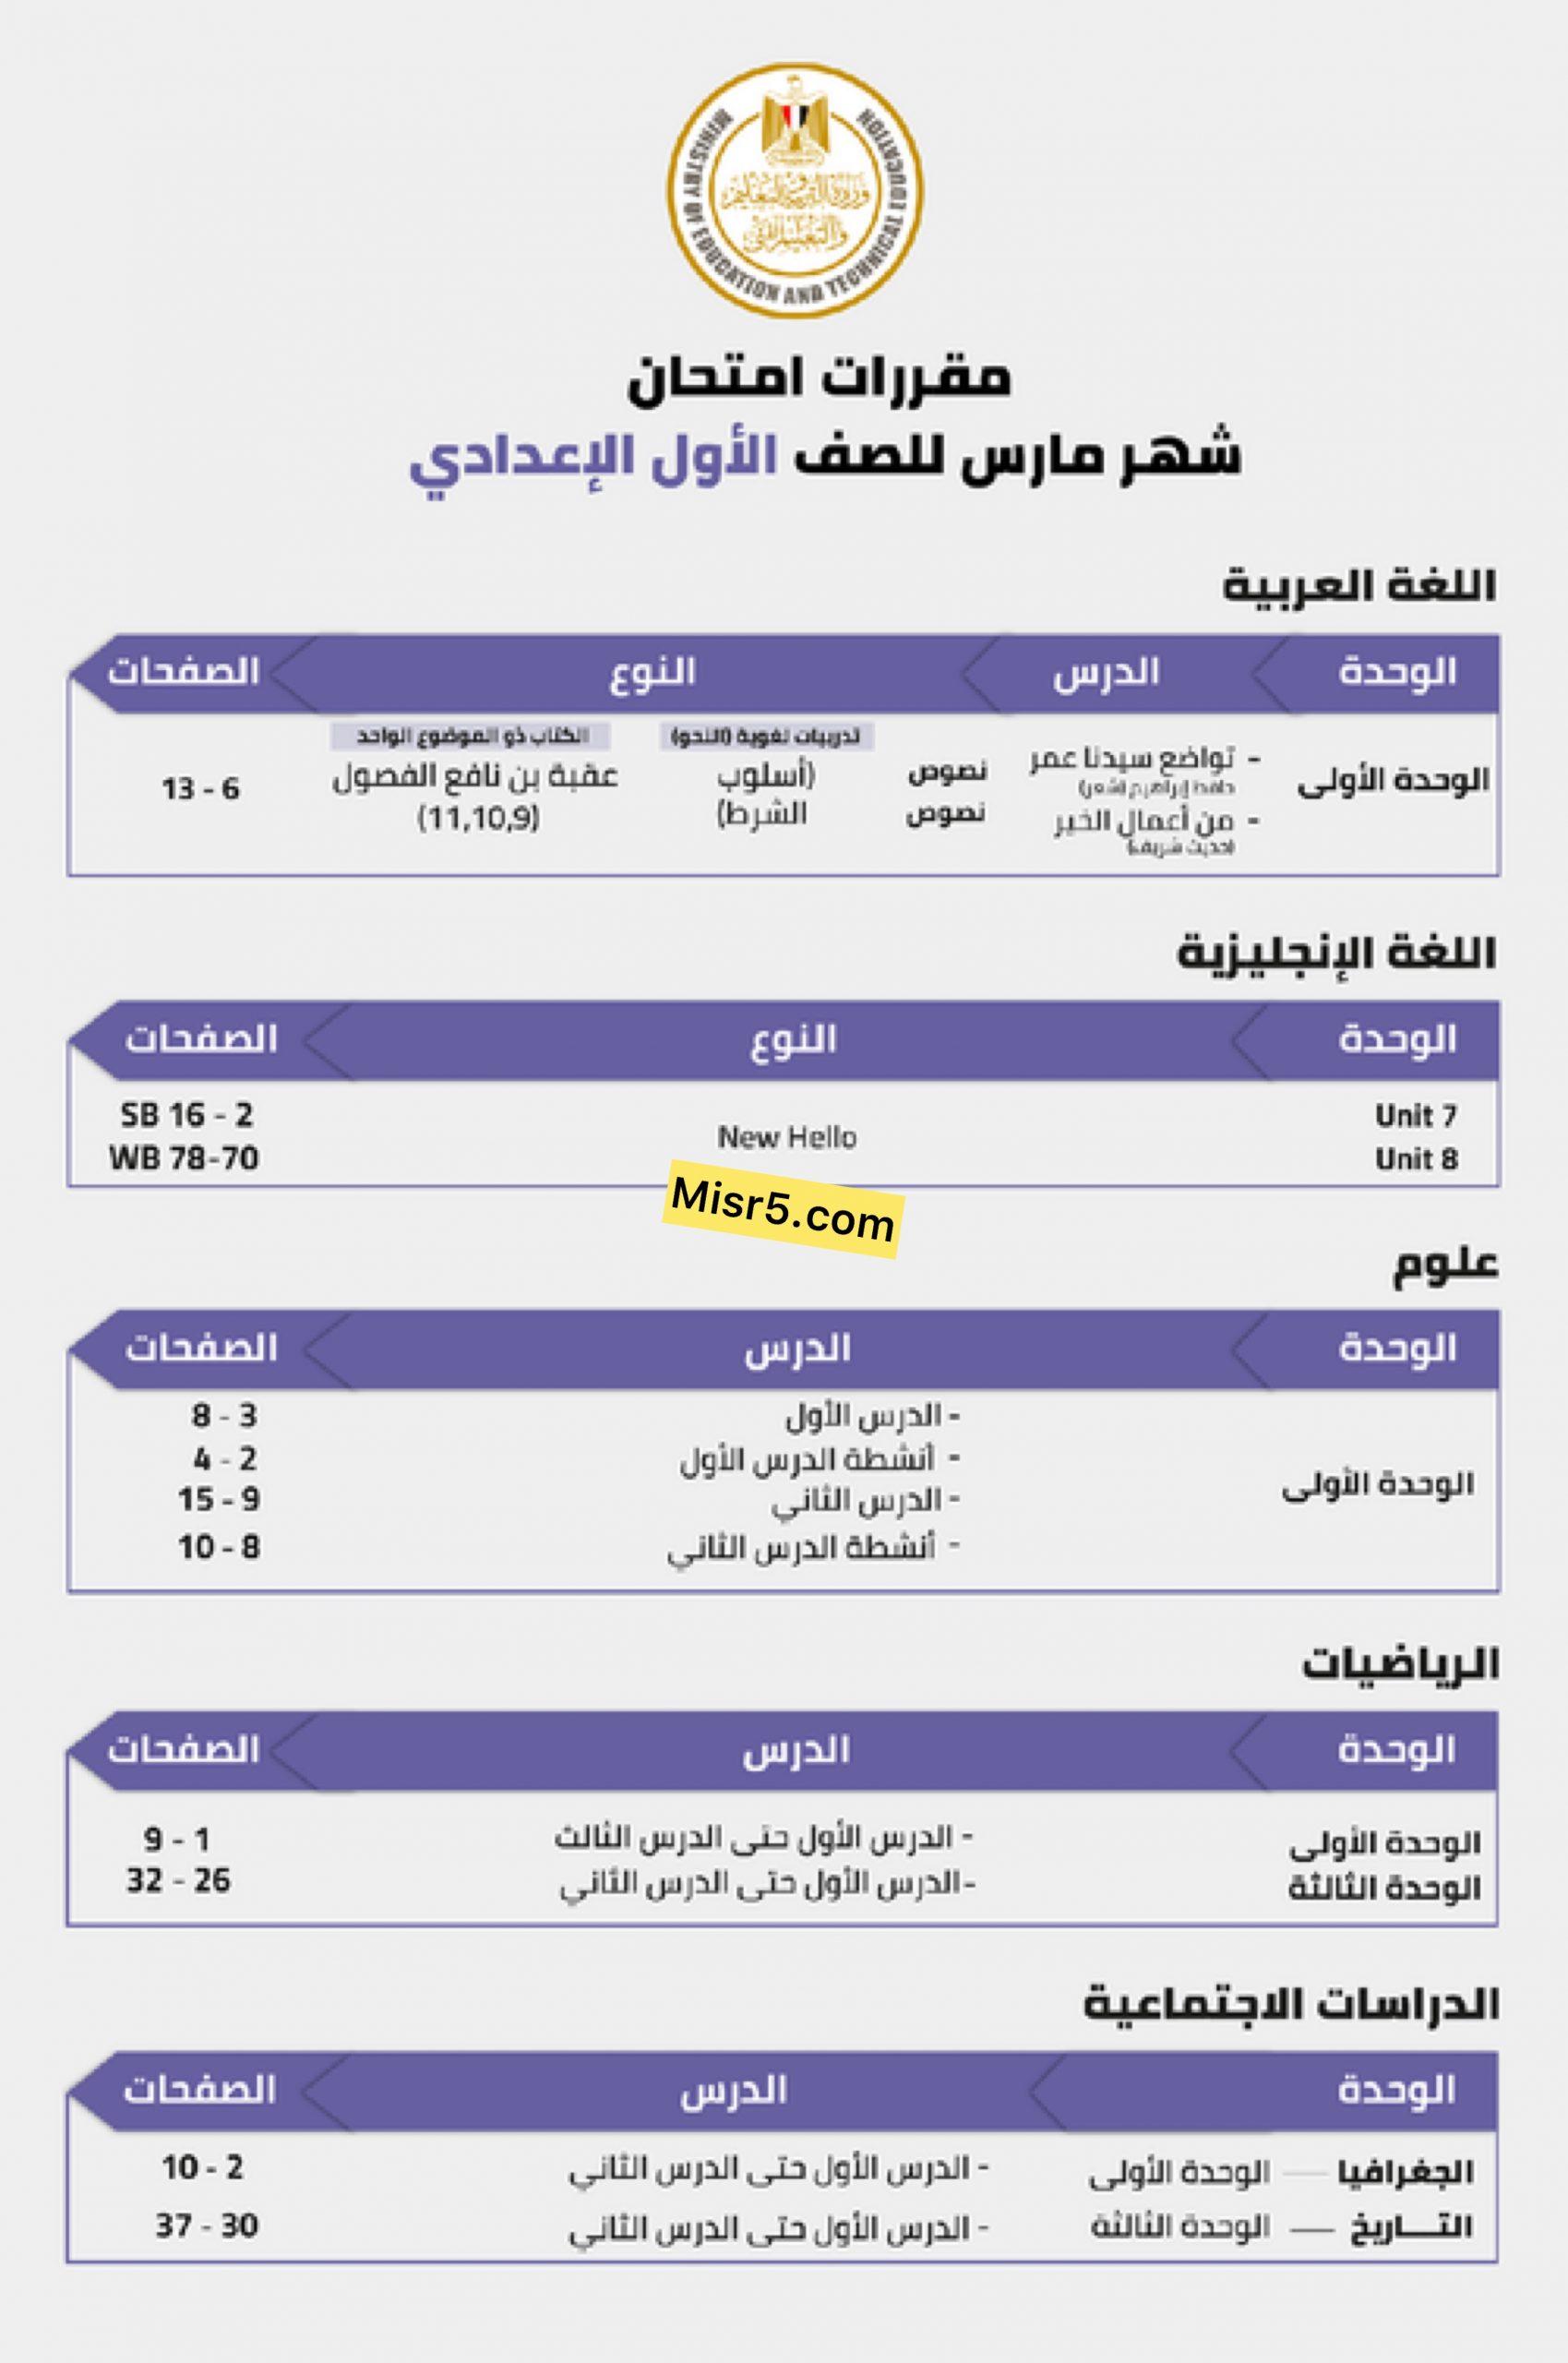 عاجل وزارة التربية والتعليم | تعلن مقررات مراحل الإبتدائية والإعدادية لشهر مارس 4